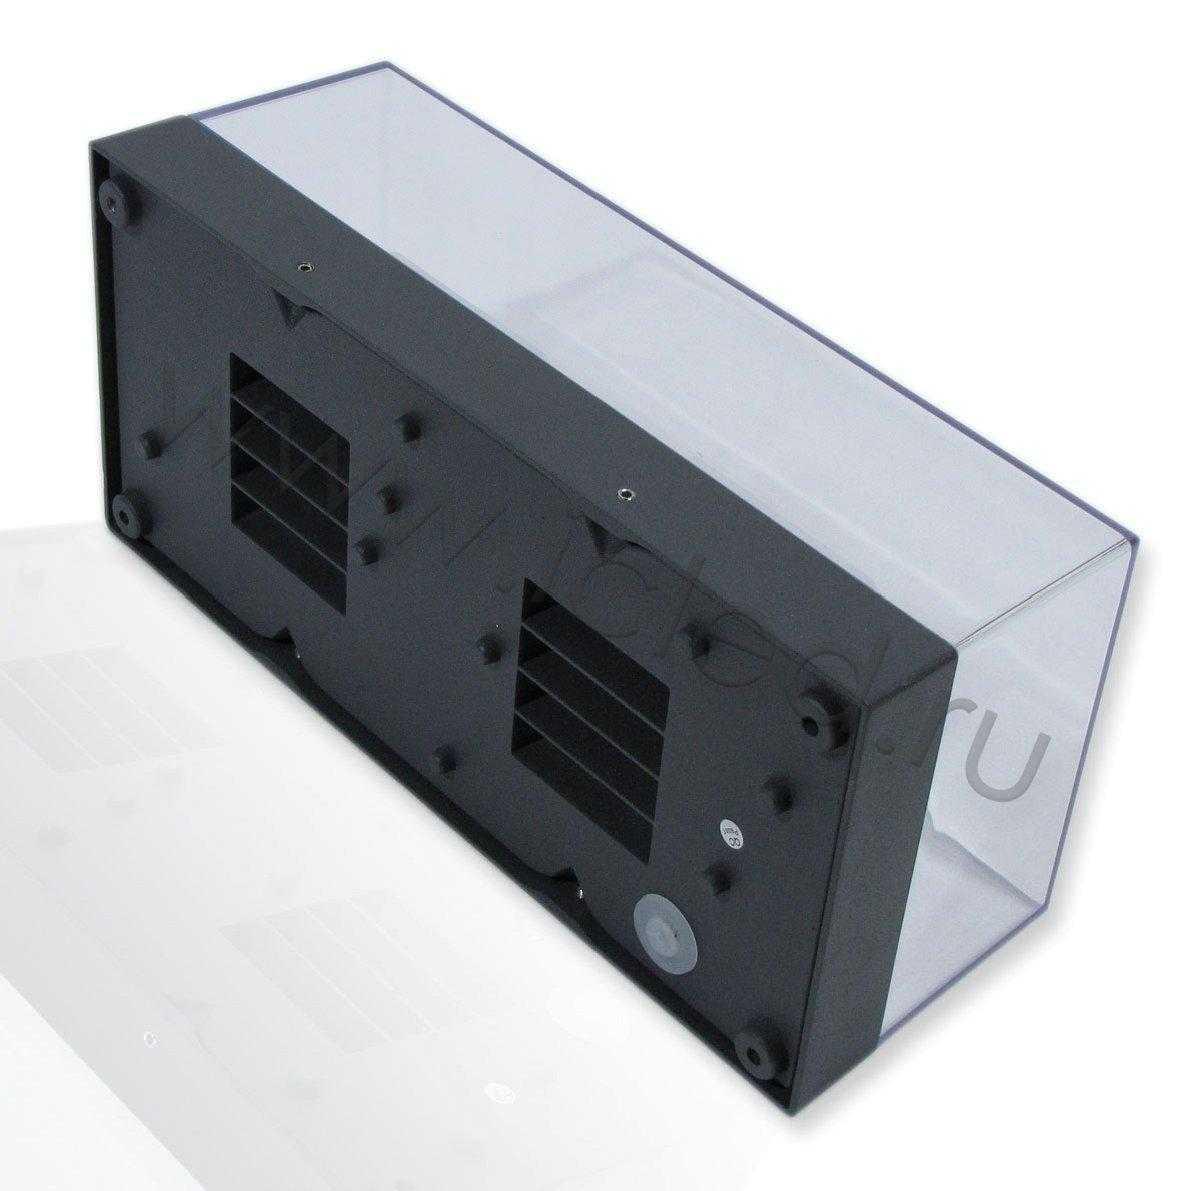 Светодиодный светильник UCR3100 DG, Warm White